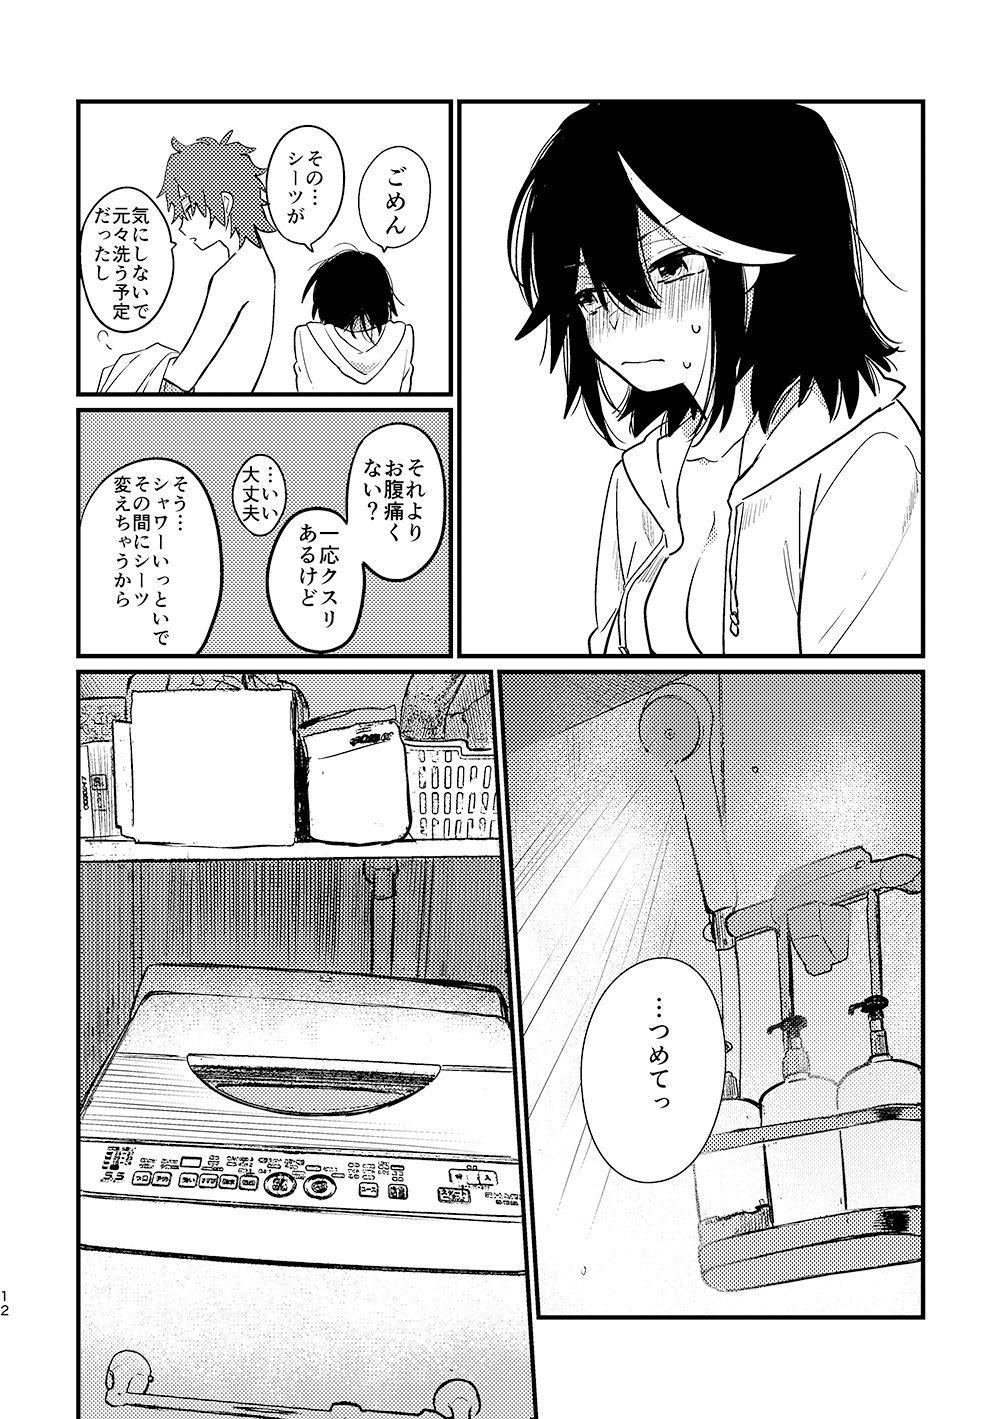 [Nomigoro. (320)] 7-gatsu 20-ka (Kill la Kill) [Digital] 10